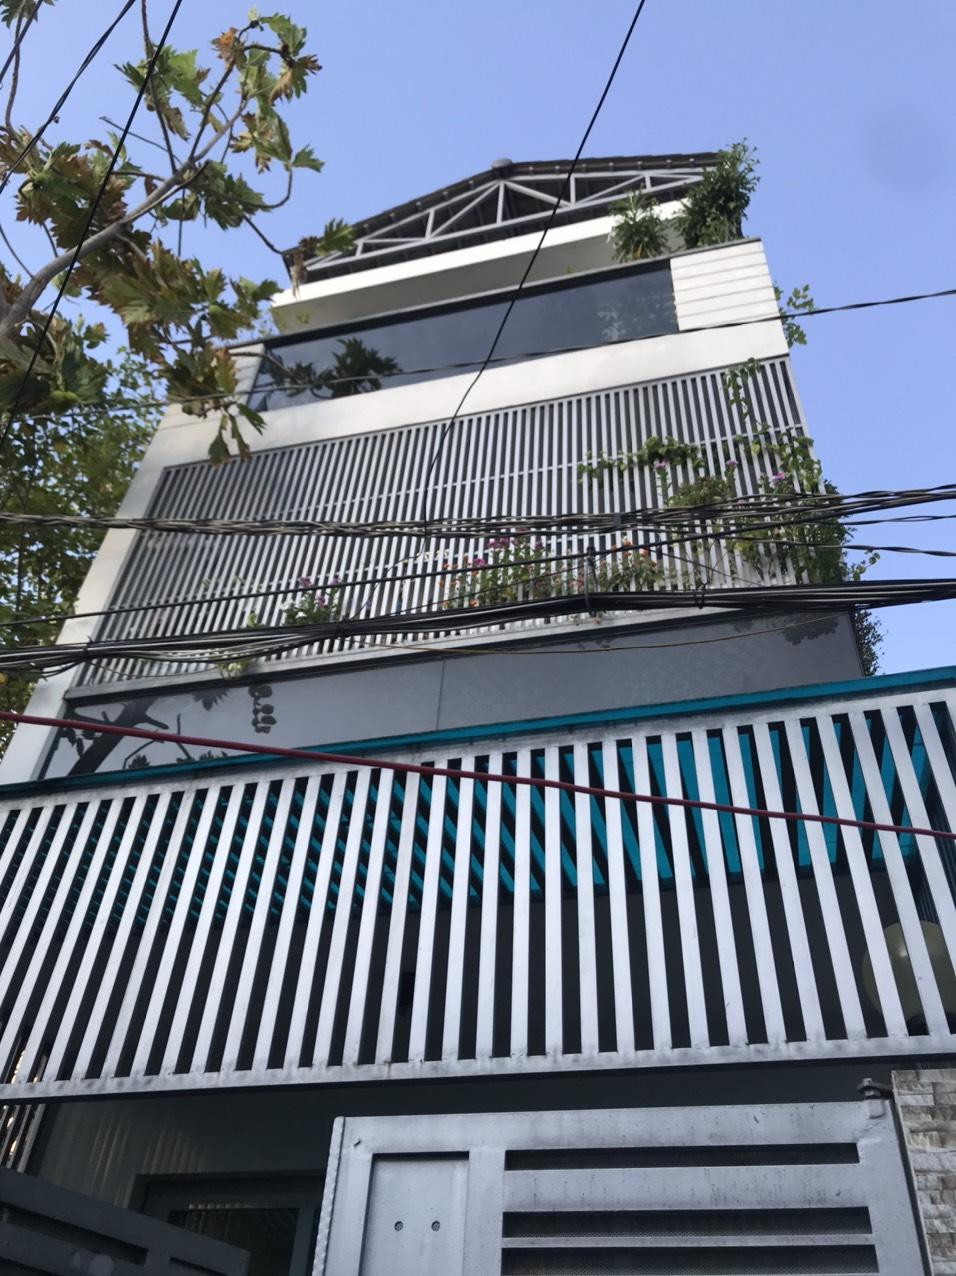 Bán nhà hẻm xe hơi đường Phú Thuận Phường Phú Thuận Quận 7